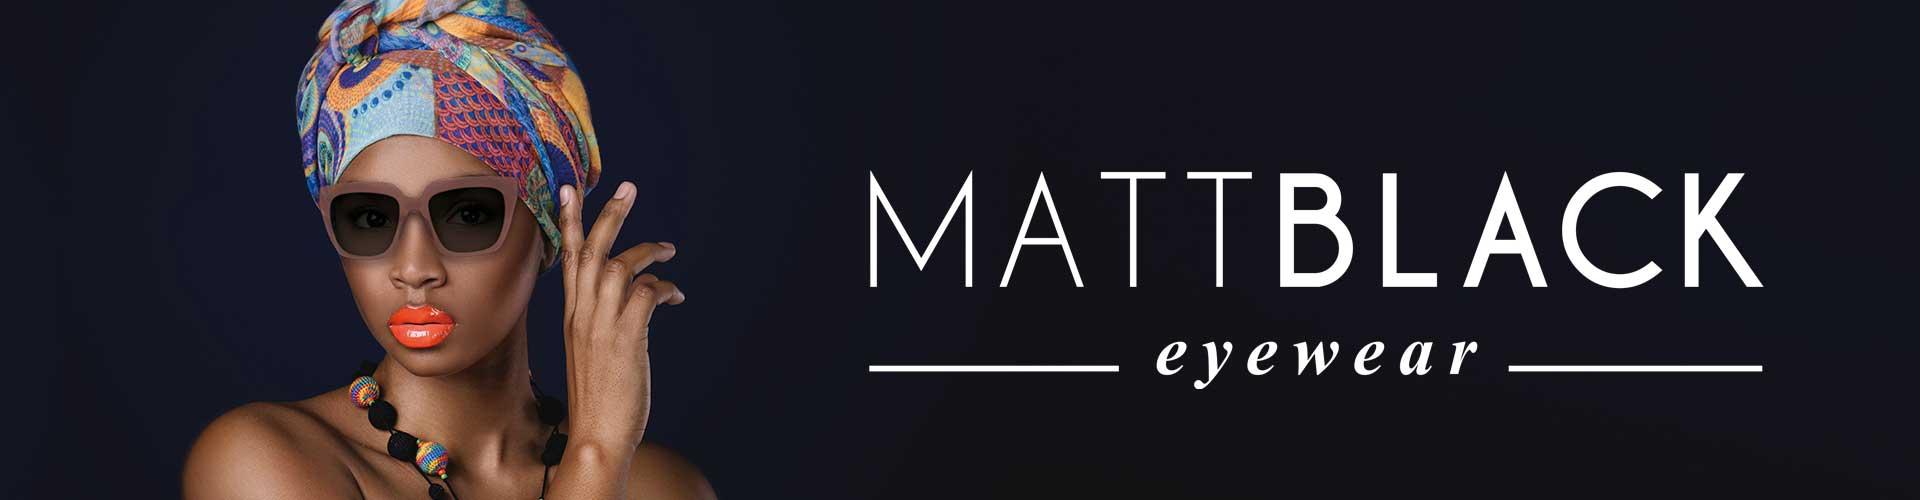 Mattblack-1